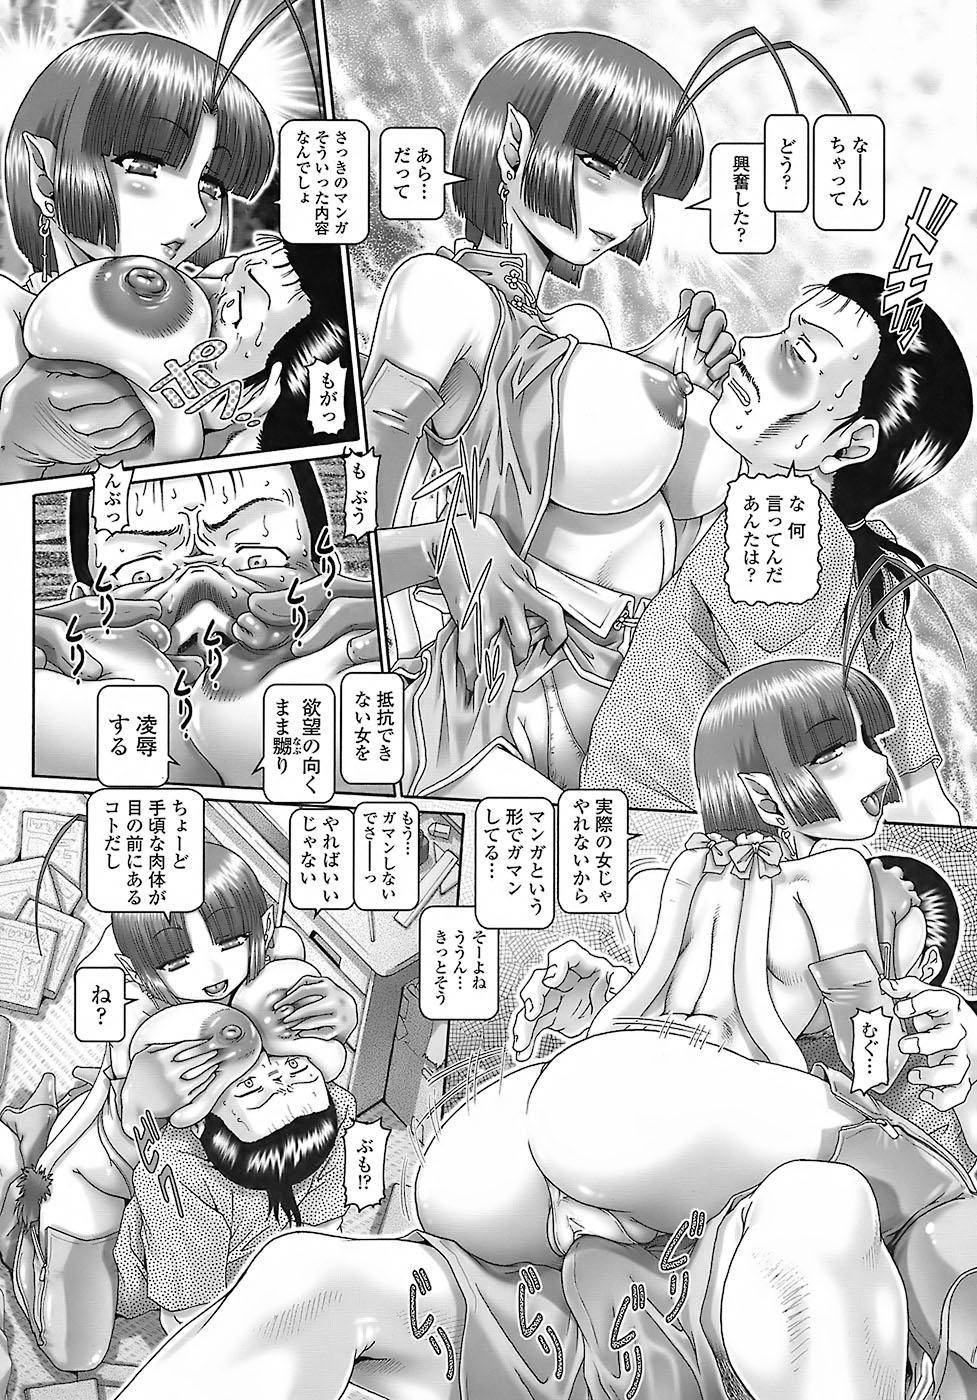 Tenshi no Shizuku 54